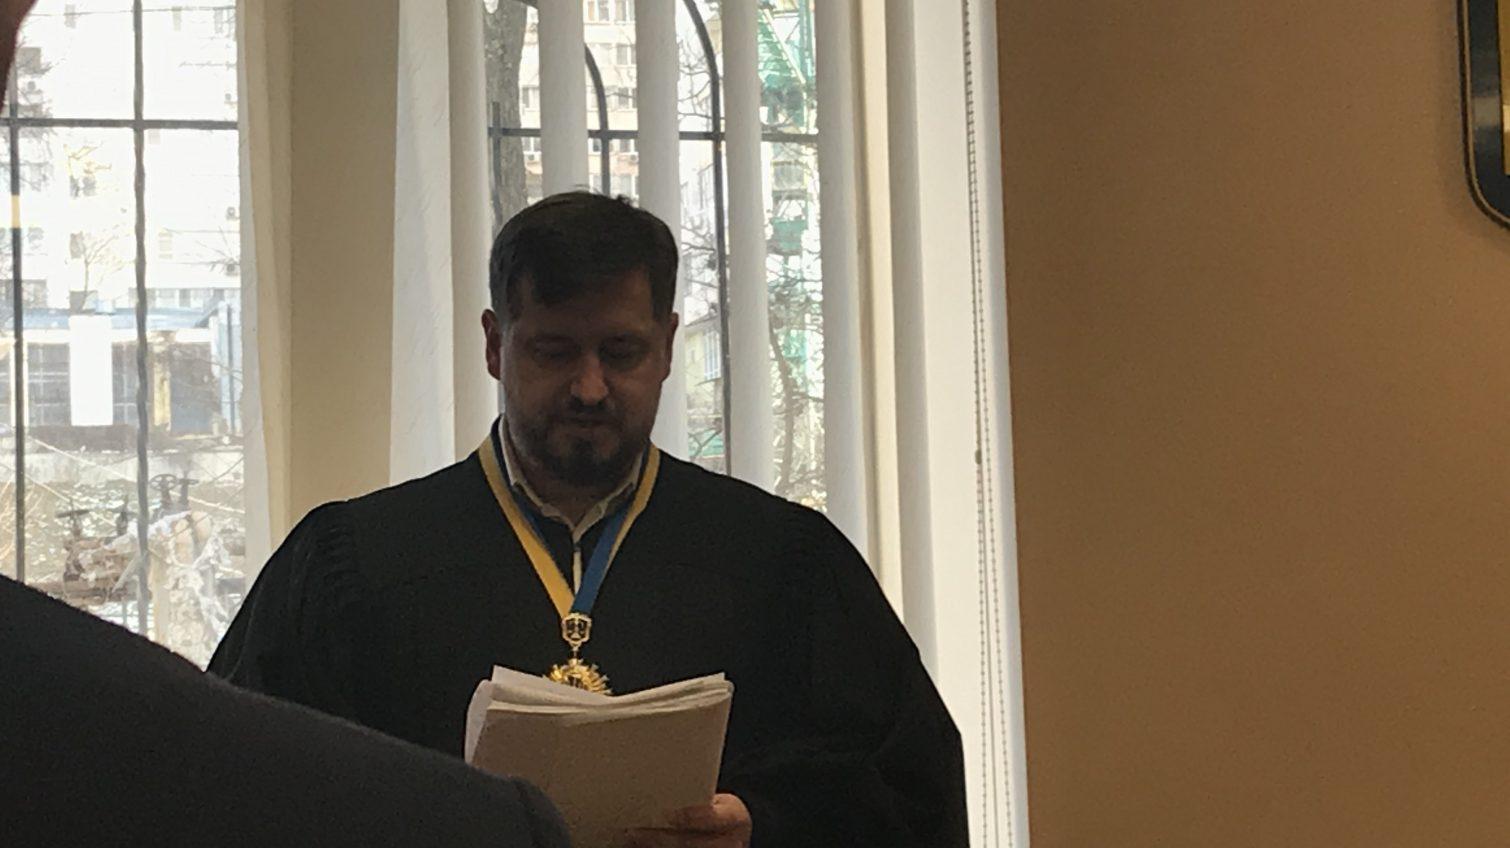 Суд признал незаконным решение облсовета об увольнении Ройтбурда с должности директора ОХМ (фото) «фото»